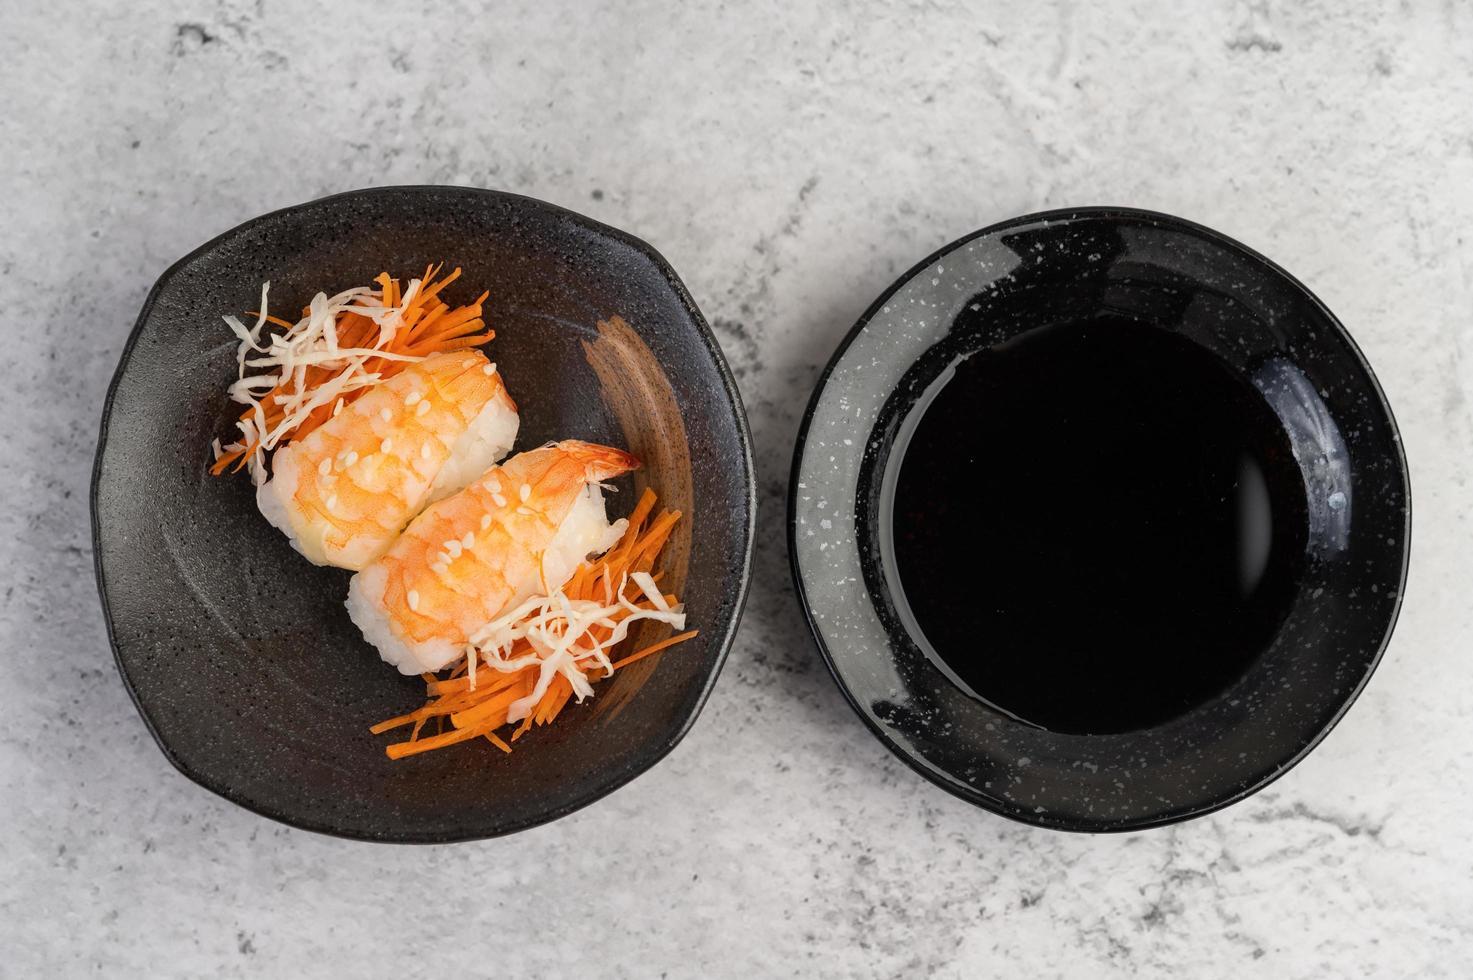 vers geplateerde sushi foto